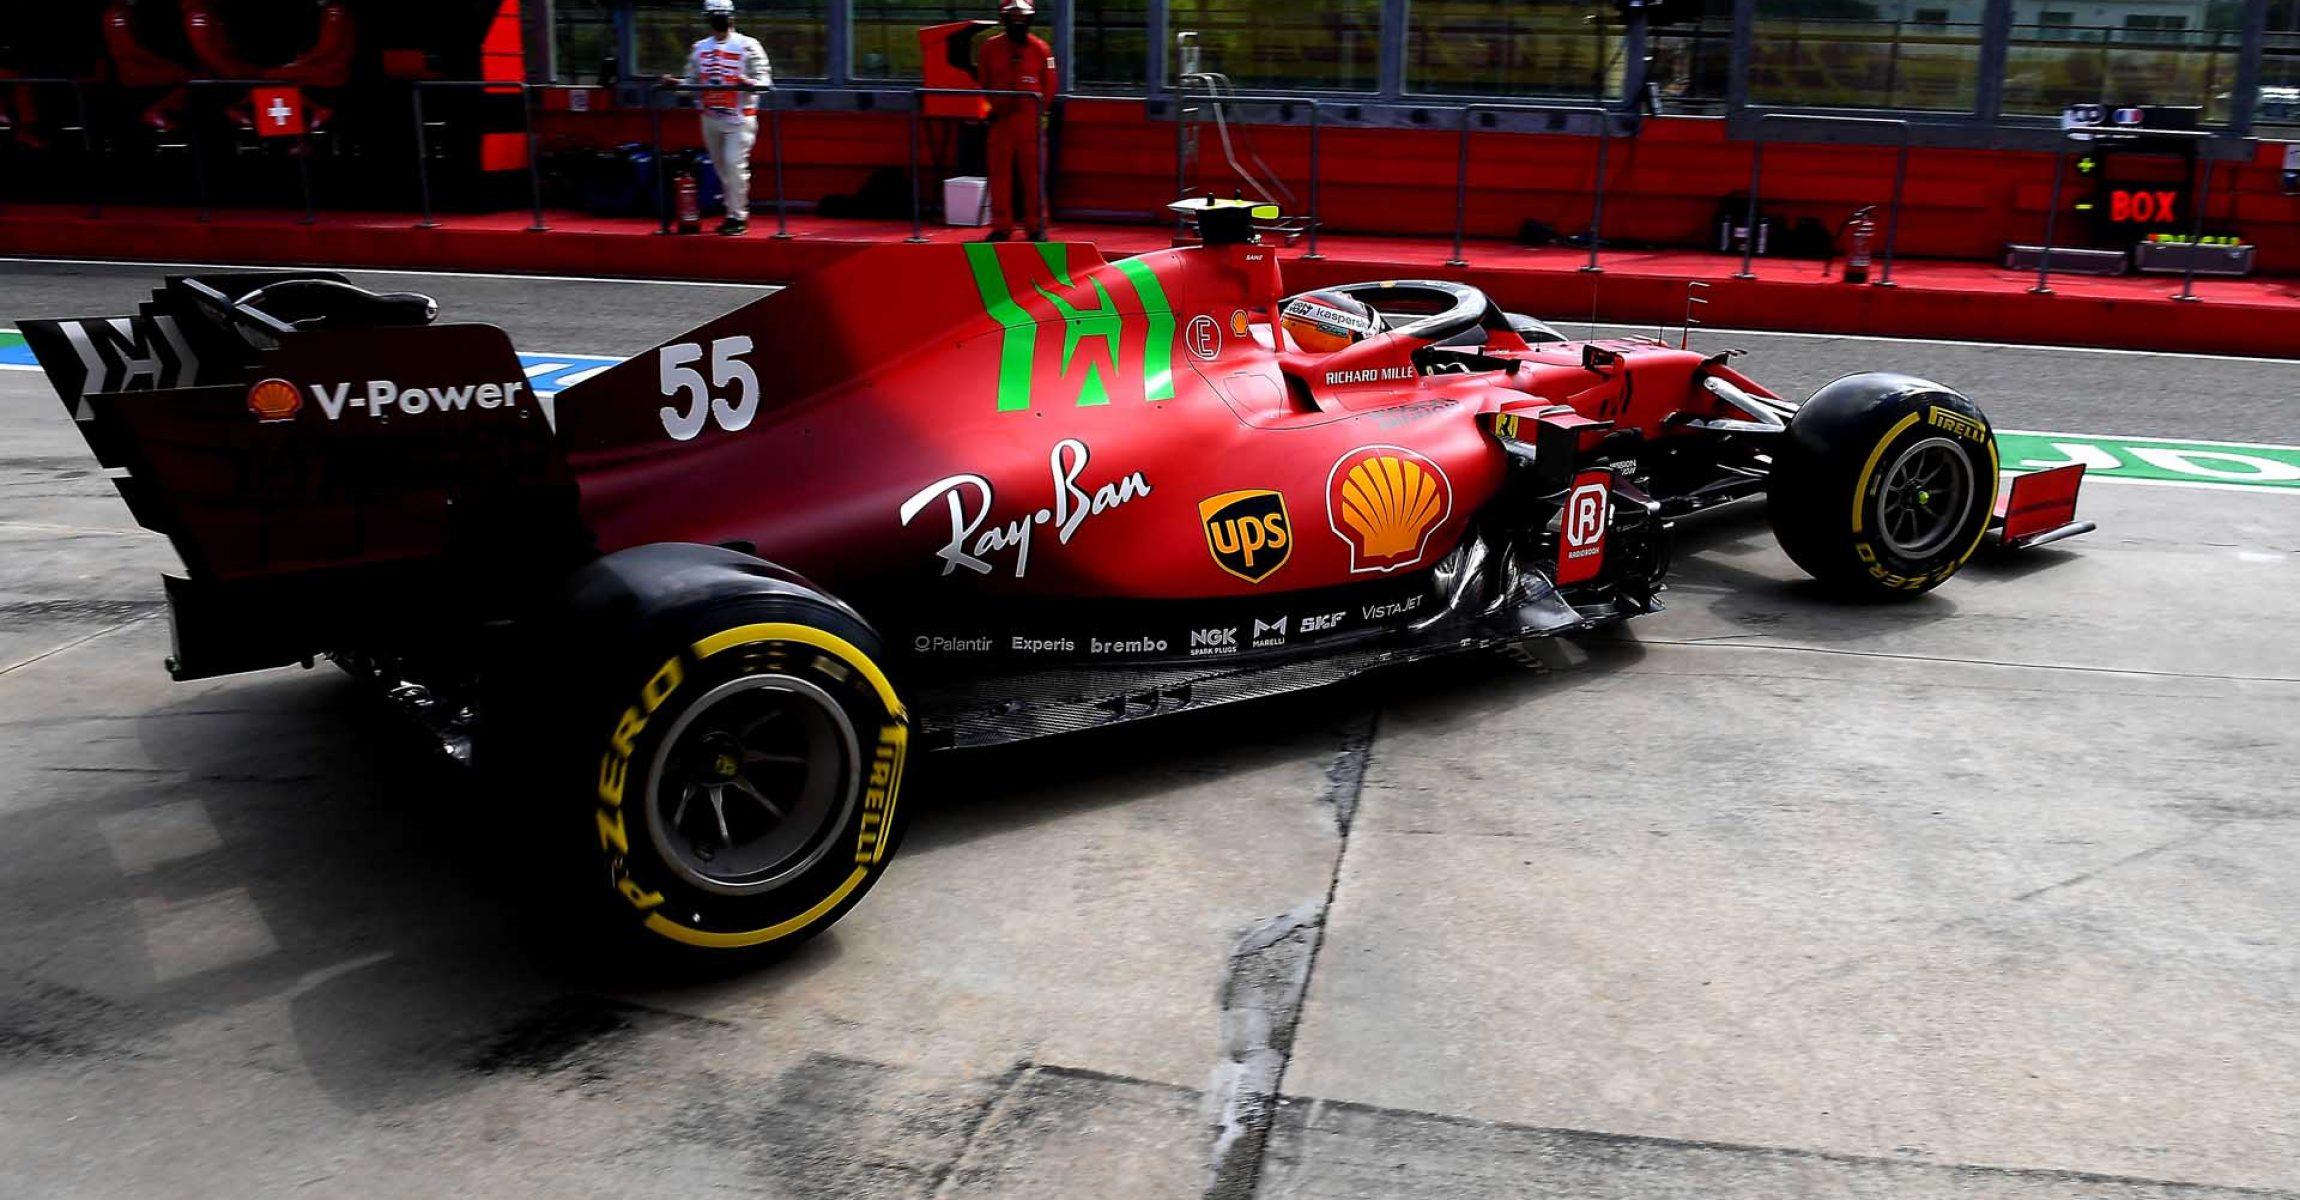 GP DELL'EMILIA ROMAGNA  F1/2021 - GIOVEDÌ 15/04/2021  credit: @Scuderia Ferrari Press Office Carlos Sainz